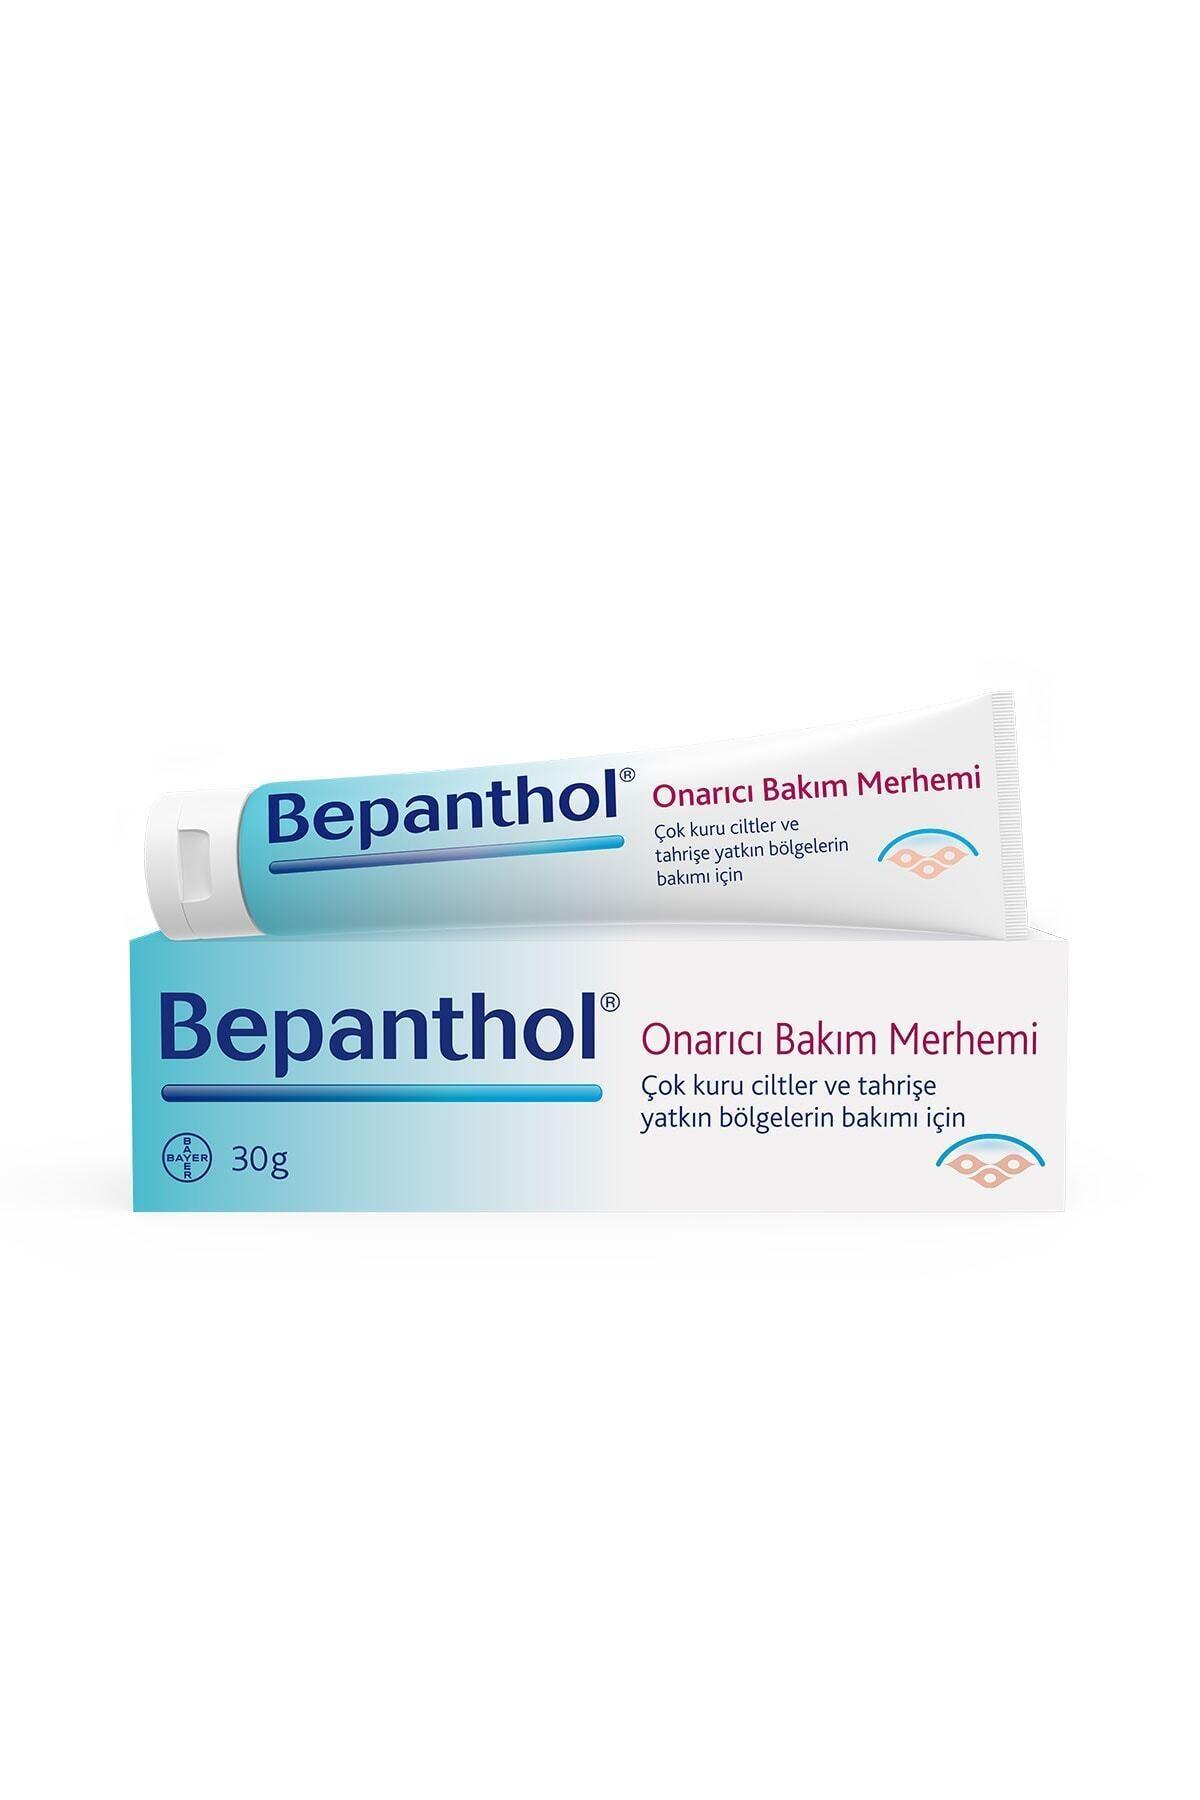 Bepanthol Onarıcı Bakım Merhemi 30 G 2